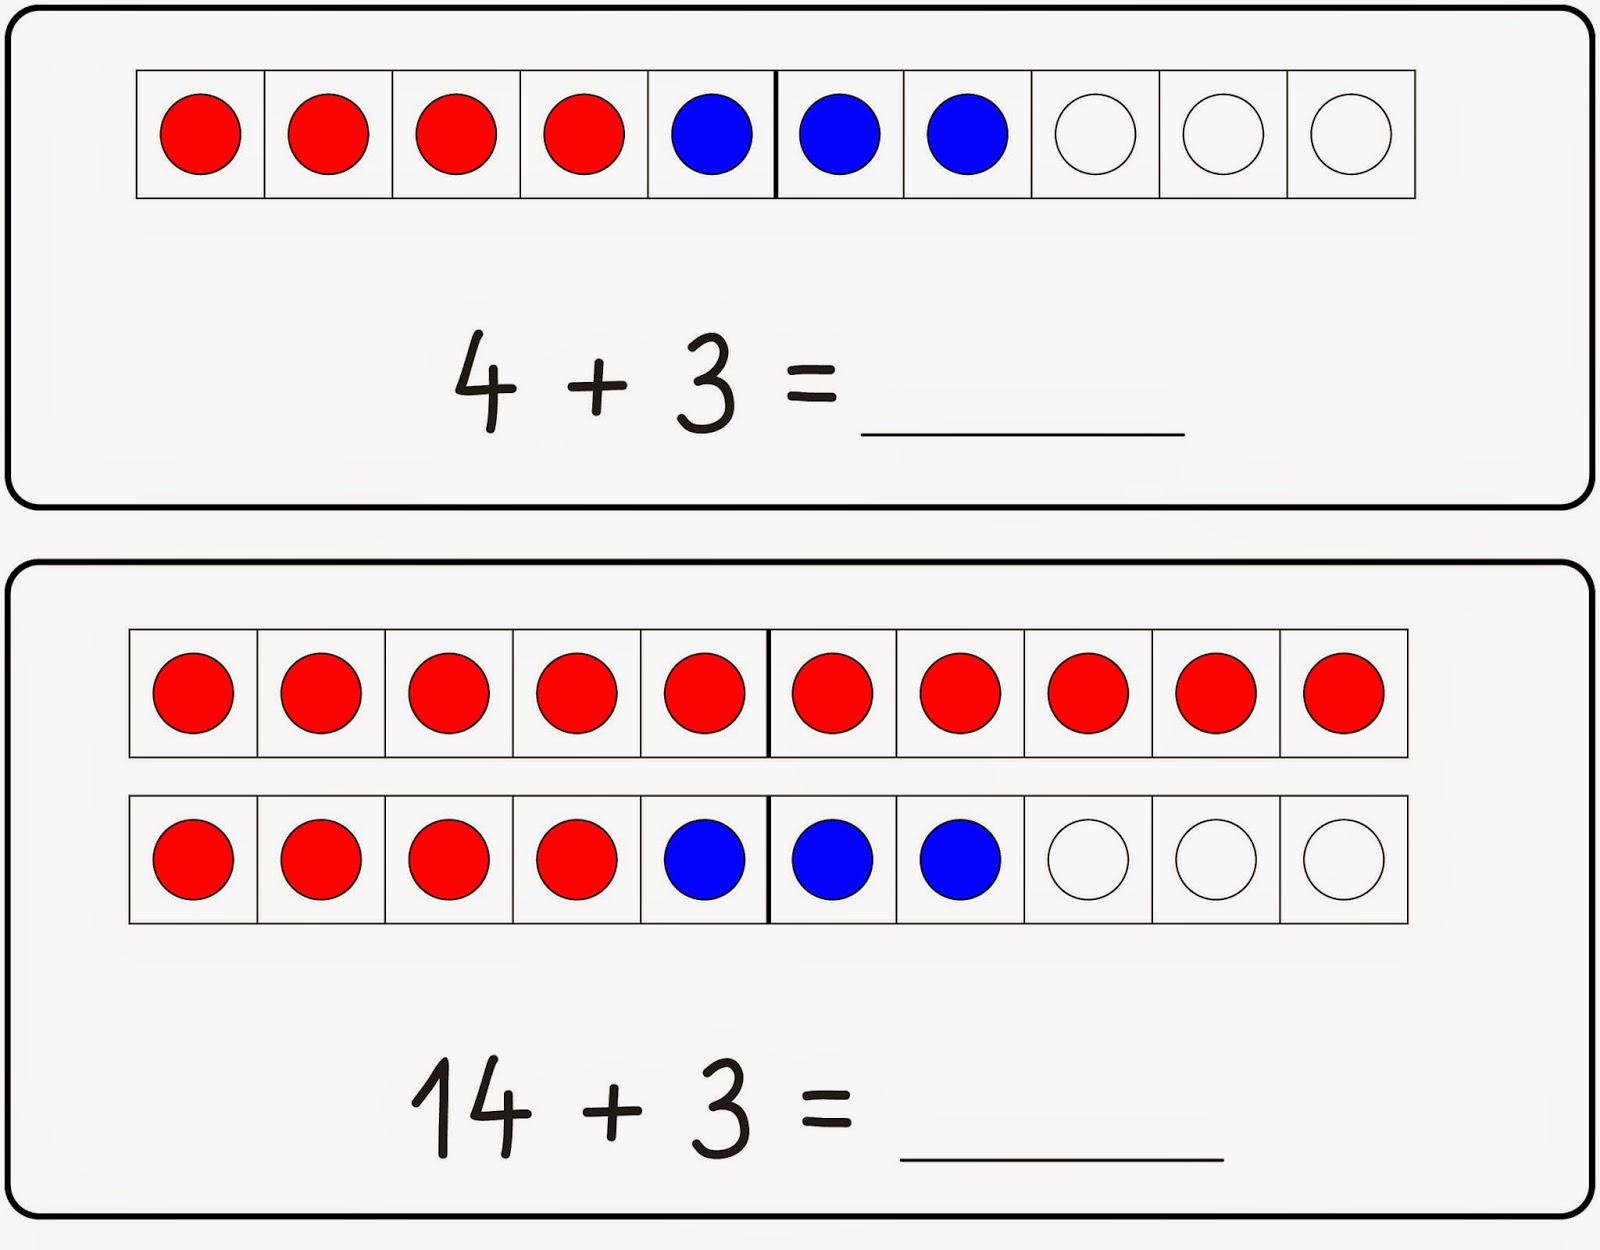 Lernstübchen: Analogieaufgaben - Tafelmaterial